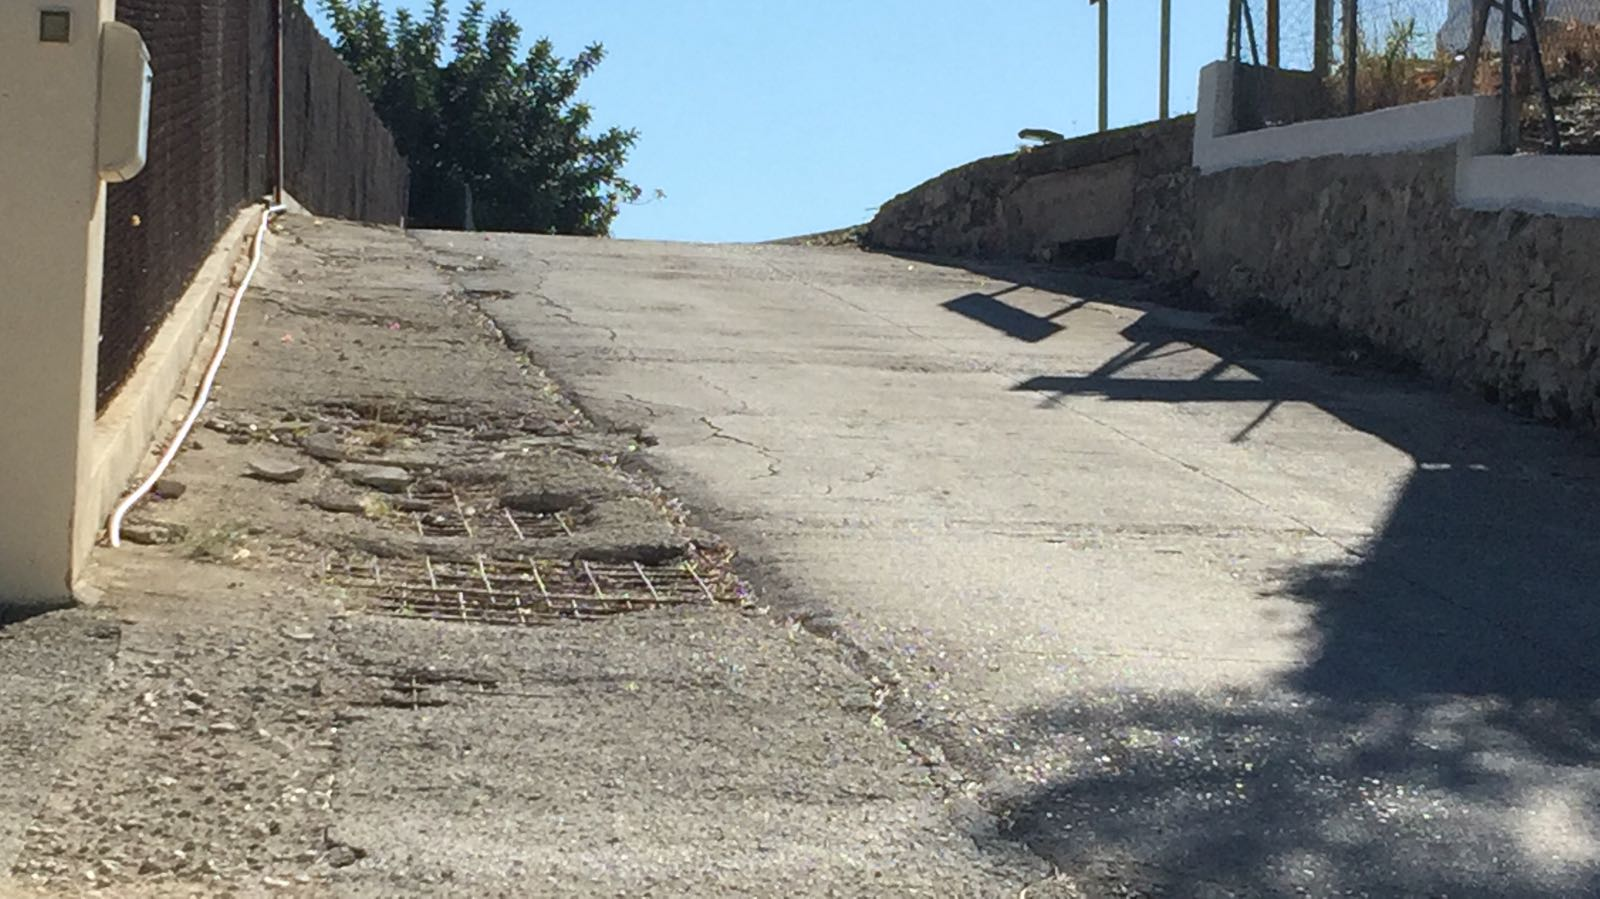 Residentes de la calle Albocasser piden asfaltar la calle